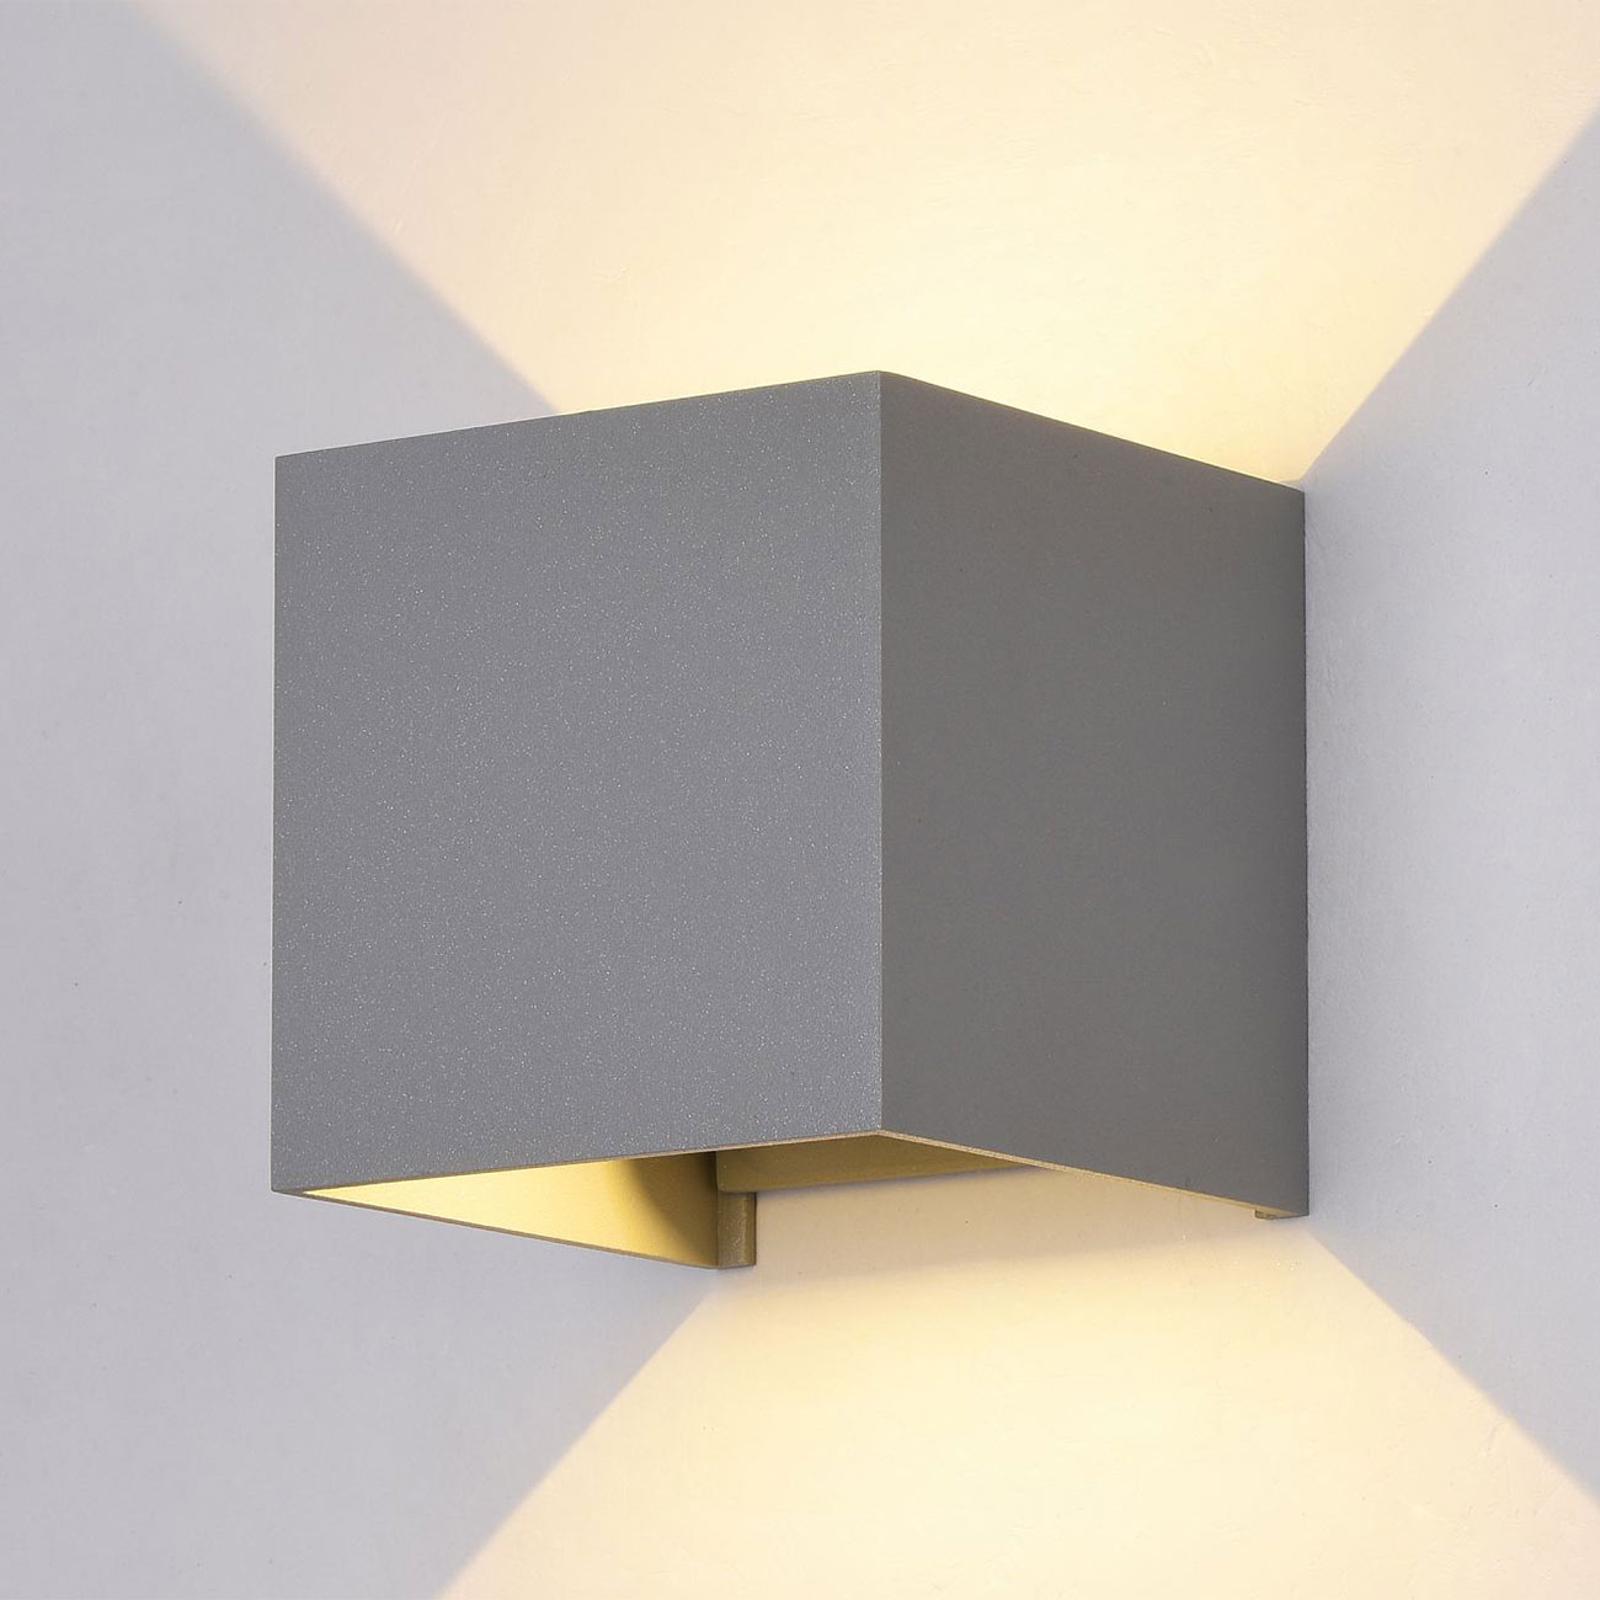 LED-ulkoseinävalaisin Fulton, 10 x 10 cm, harmaa